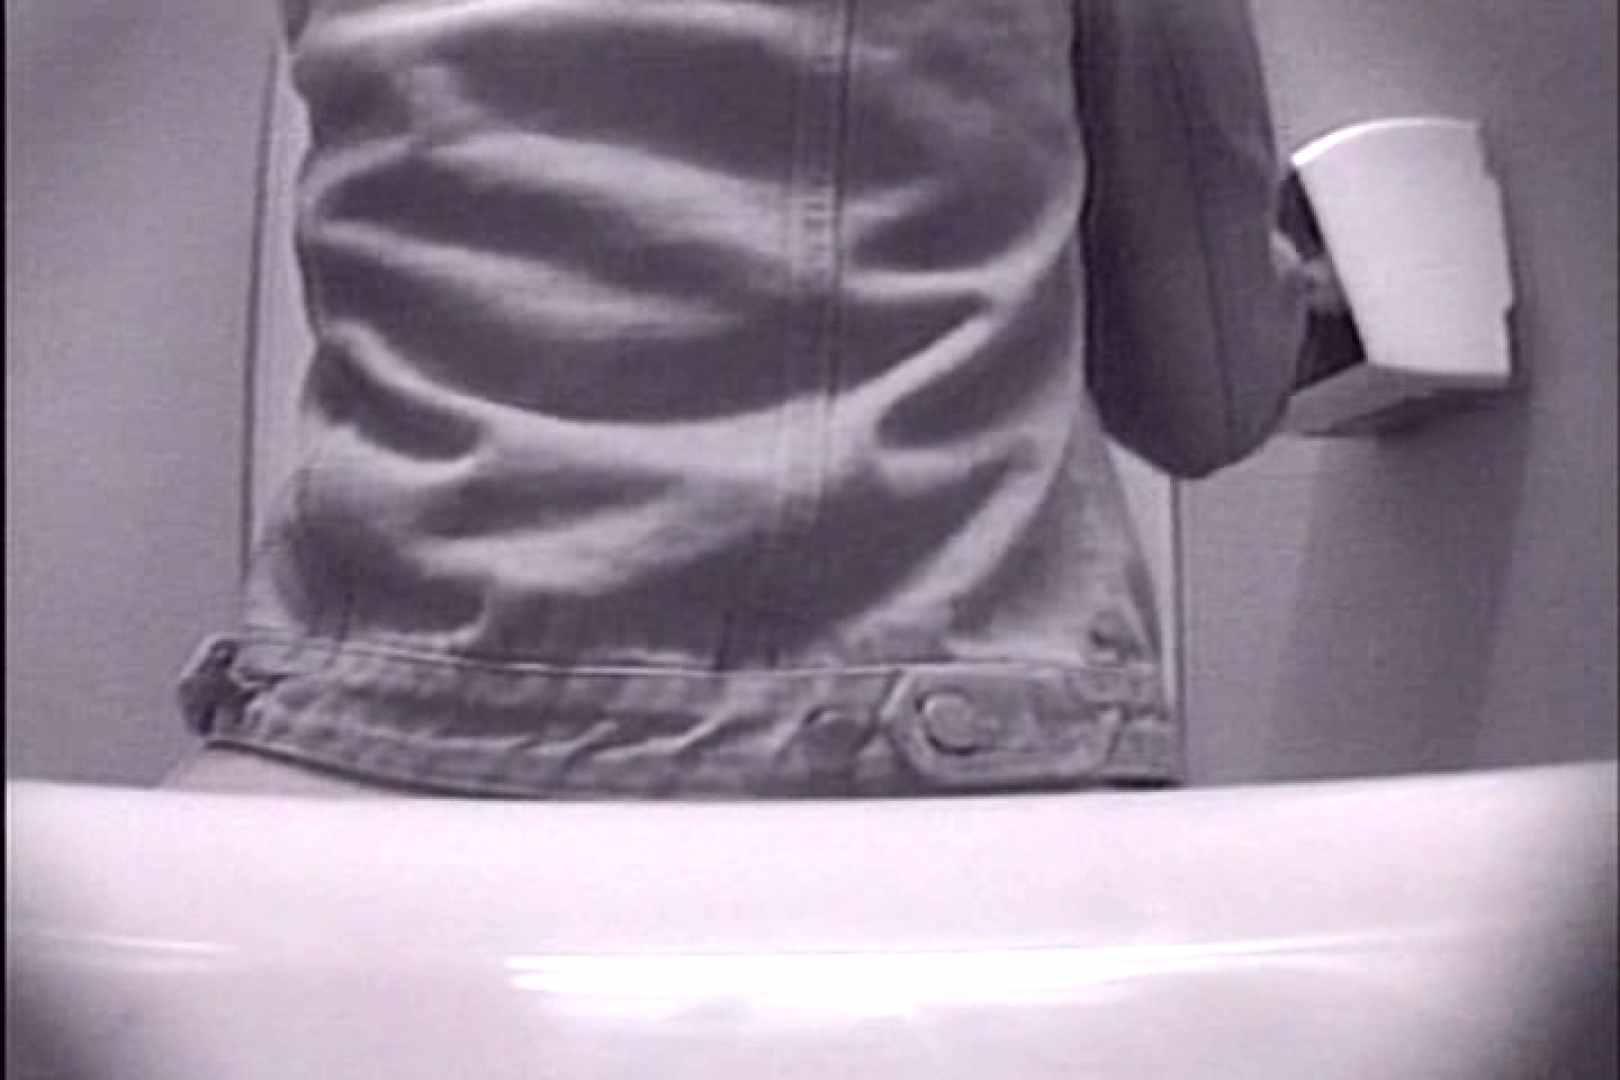 個室狂いのマニア映像Vol.4 美女OL セックス無修正動画無料 52連発 29